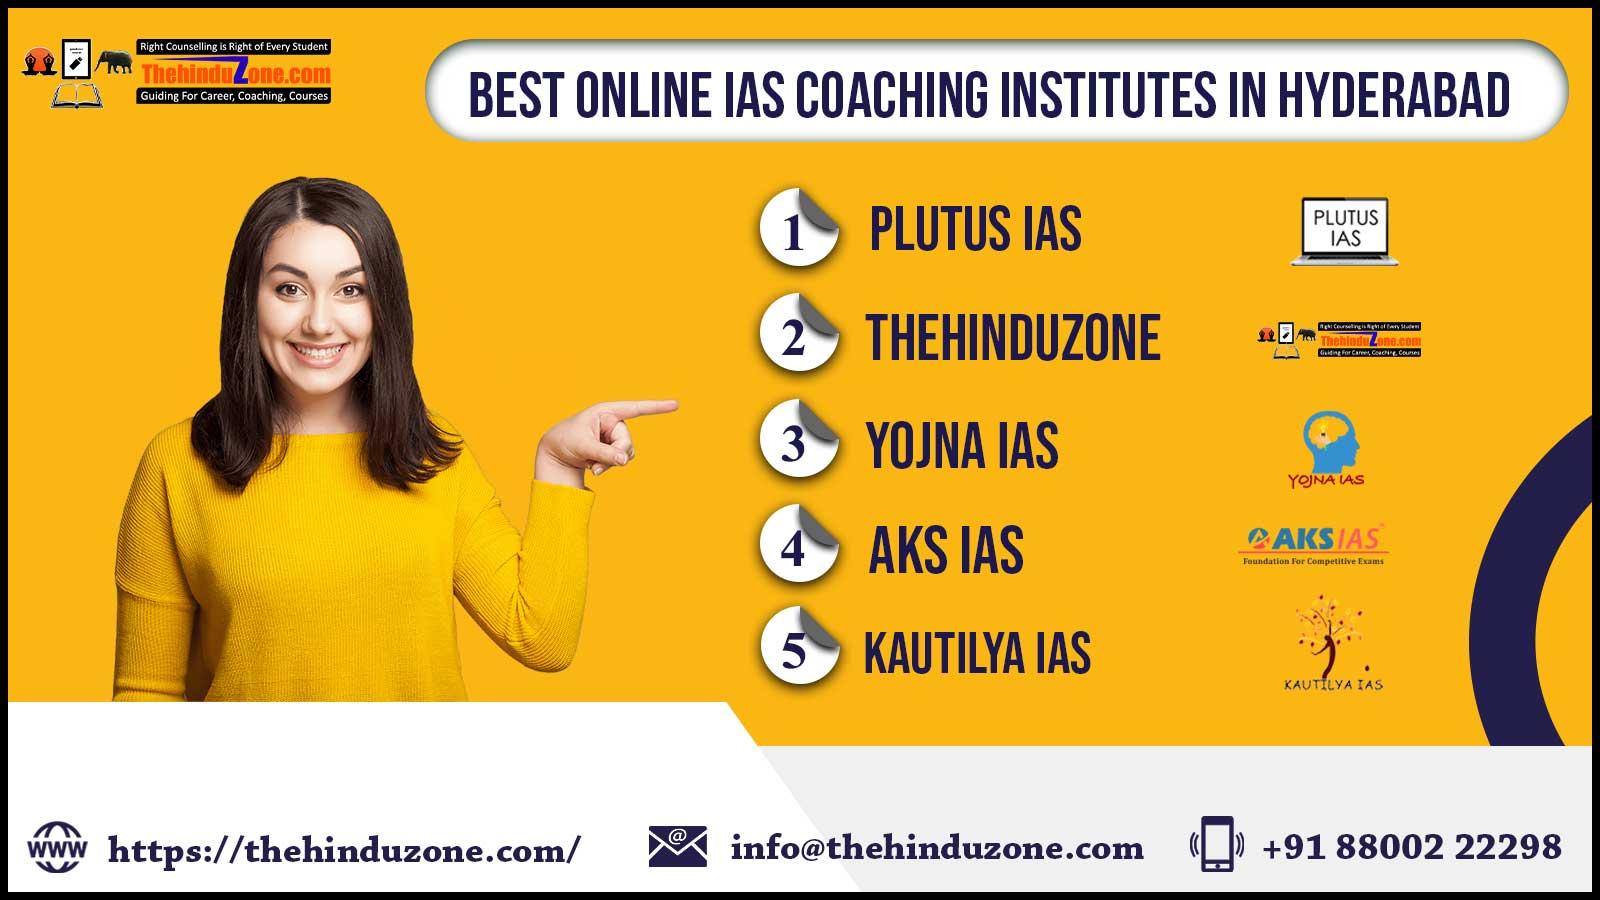 Top 10 Online IAS Coaching In Hyderabad